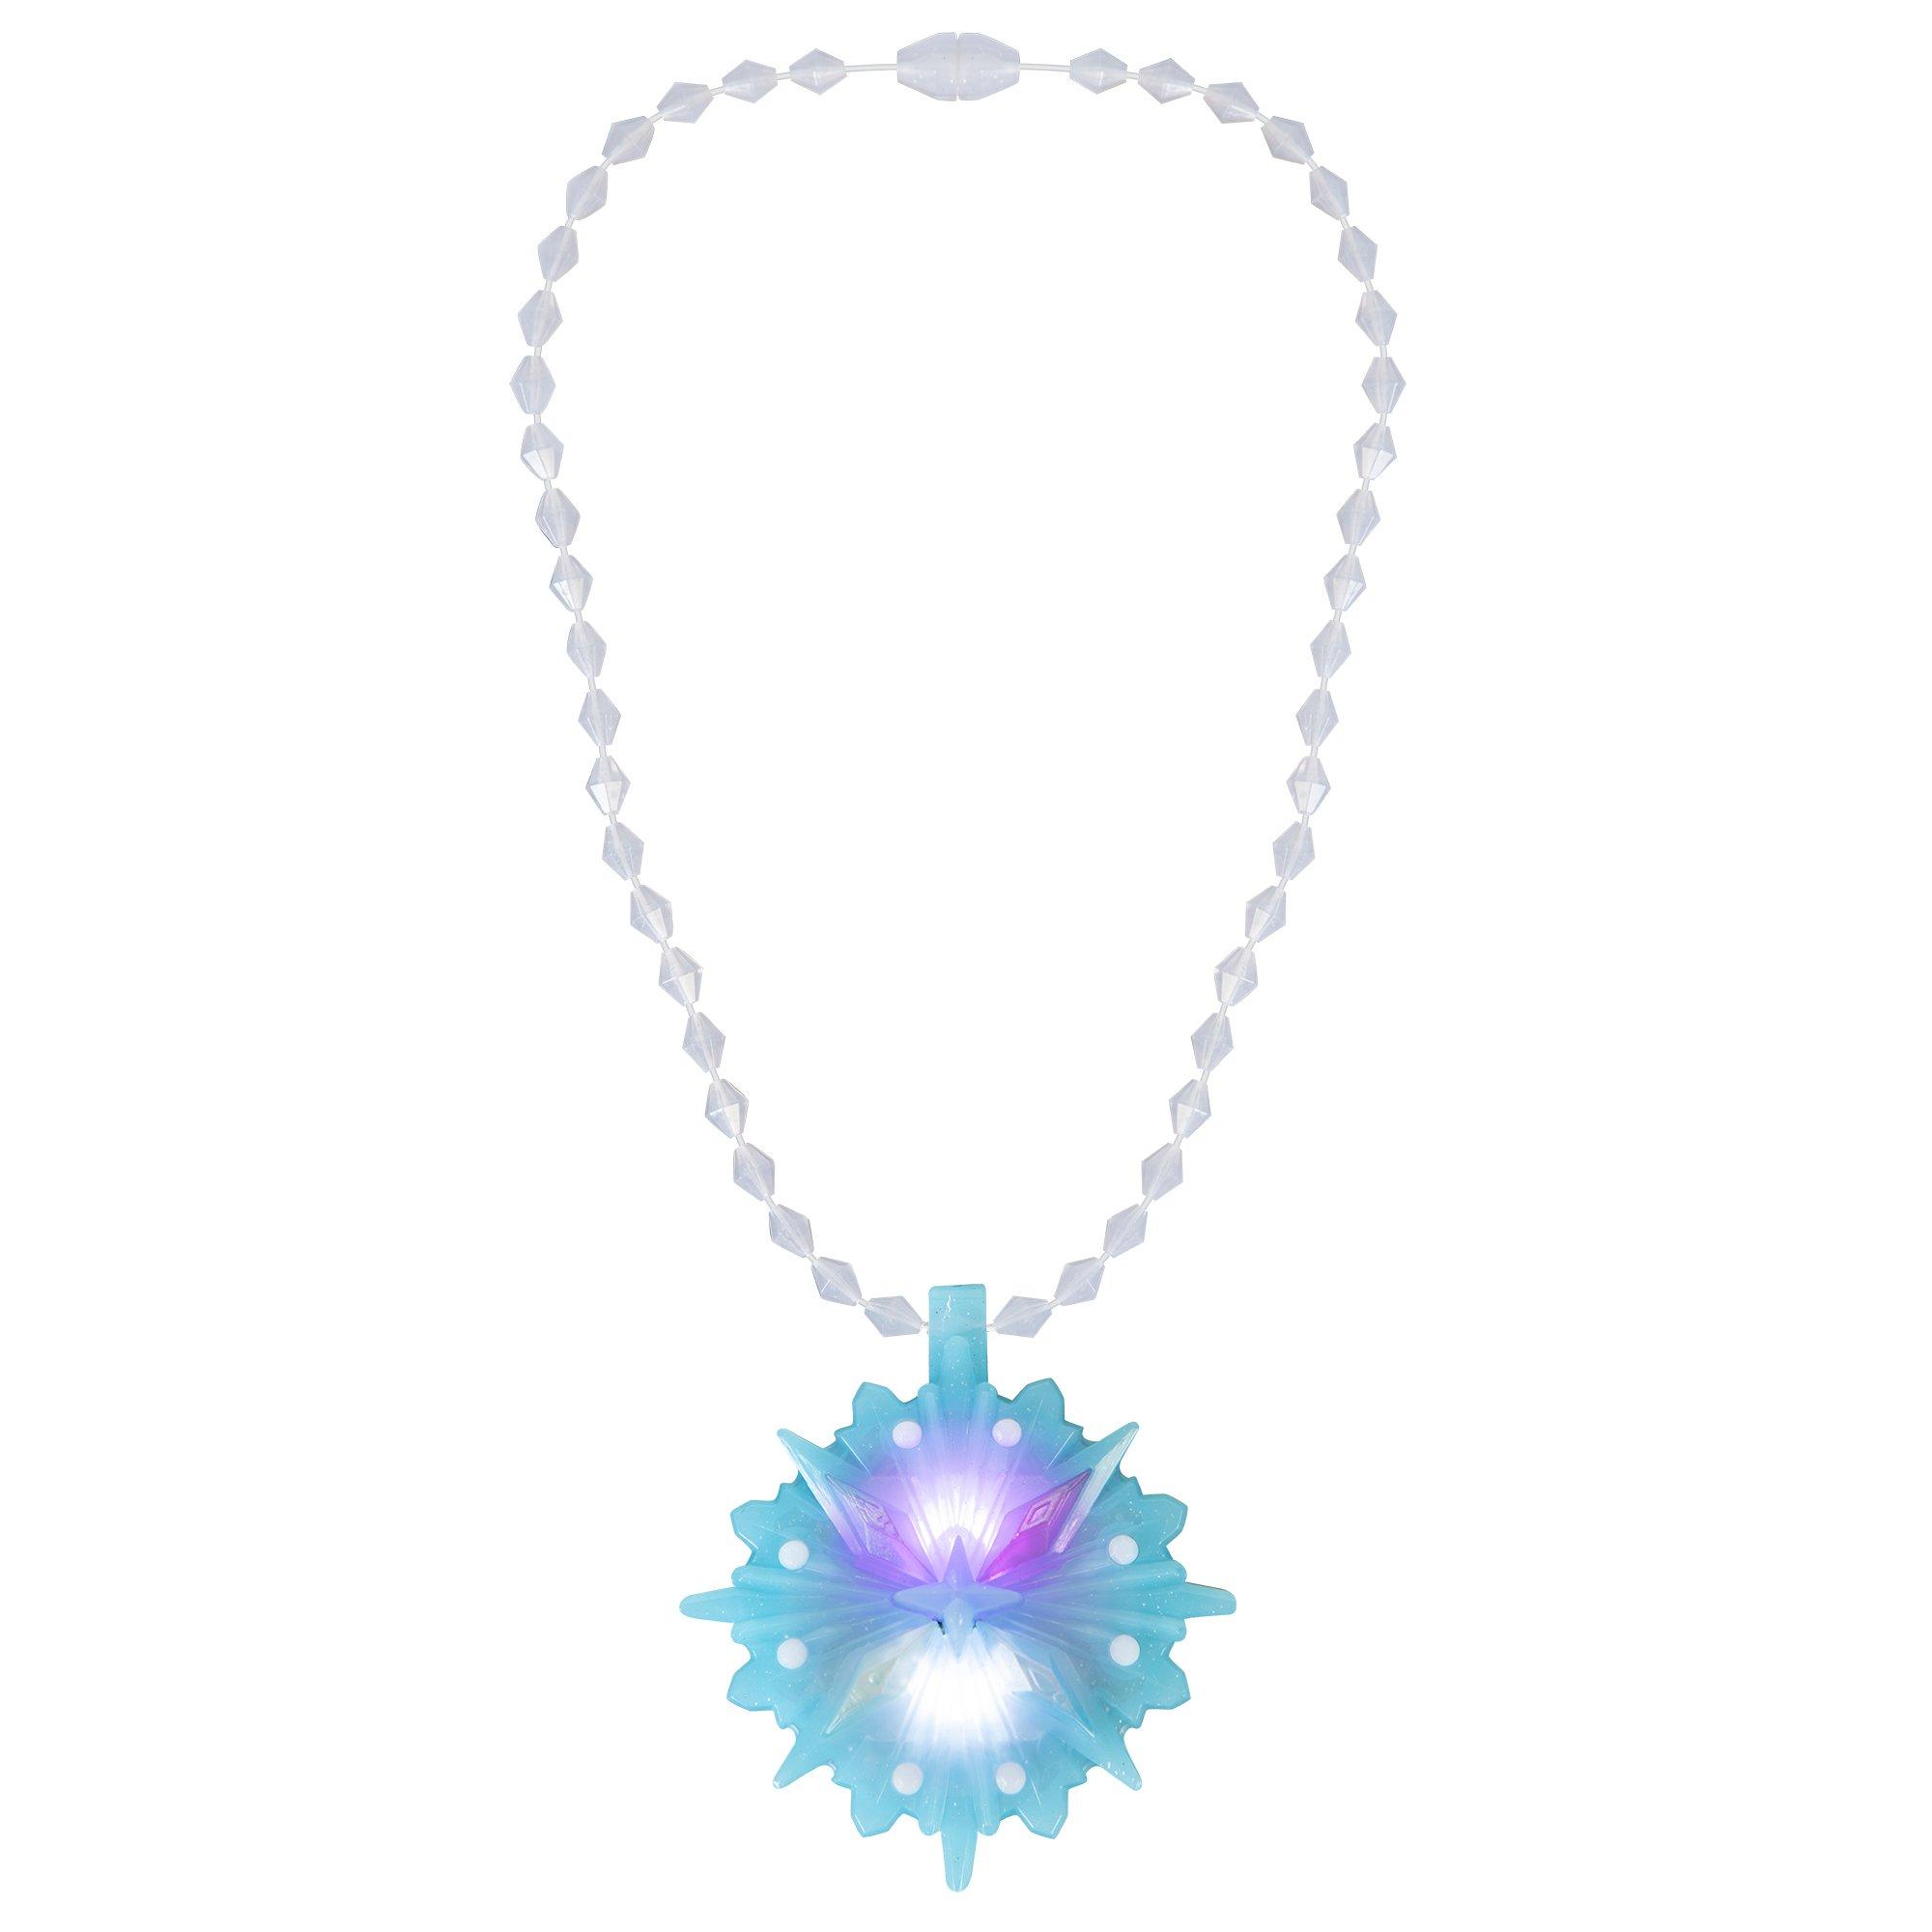 Disney Frozen 2 - Elsa's 5th Element Necklace (211554-RF1)